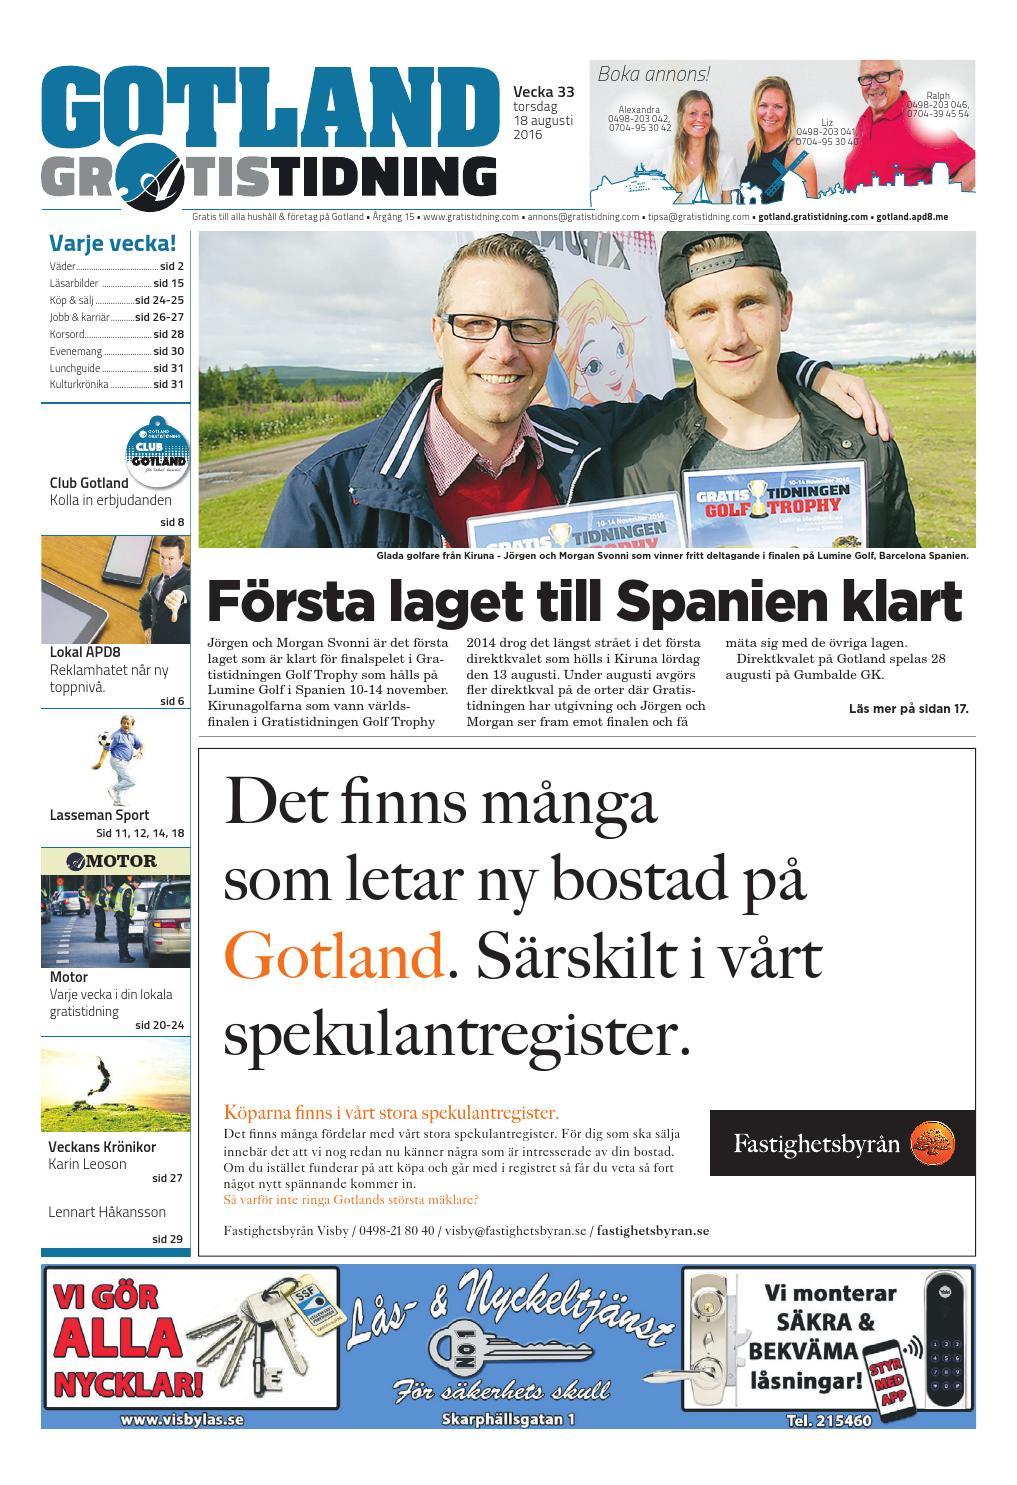 Lars Sderberg, Vskinde Roklunds 141, Visby   satisfaction-survey.net